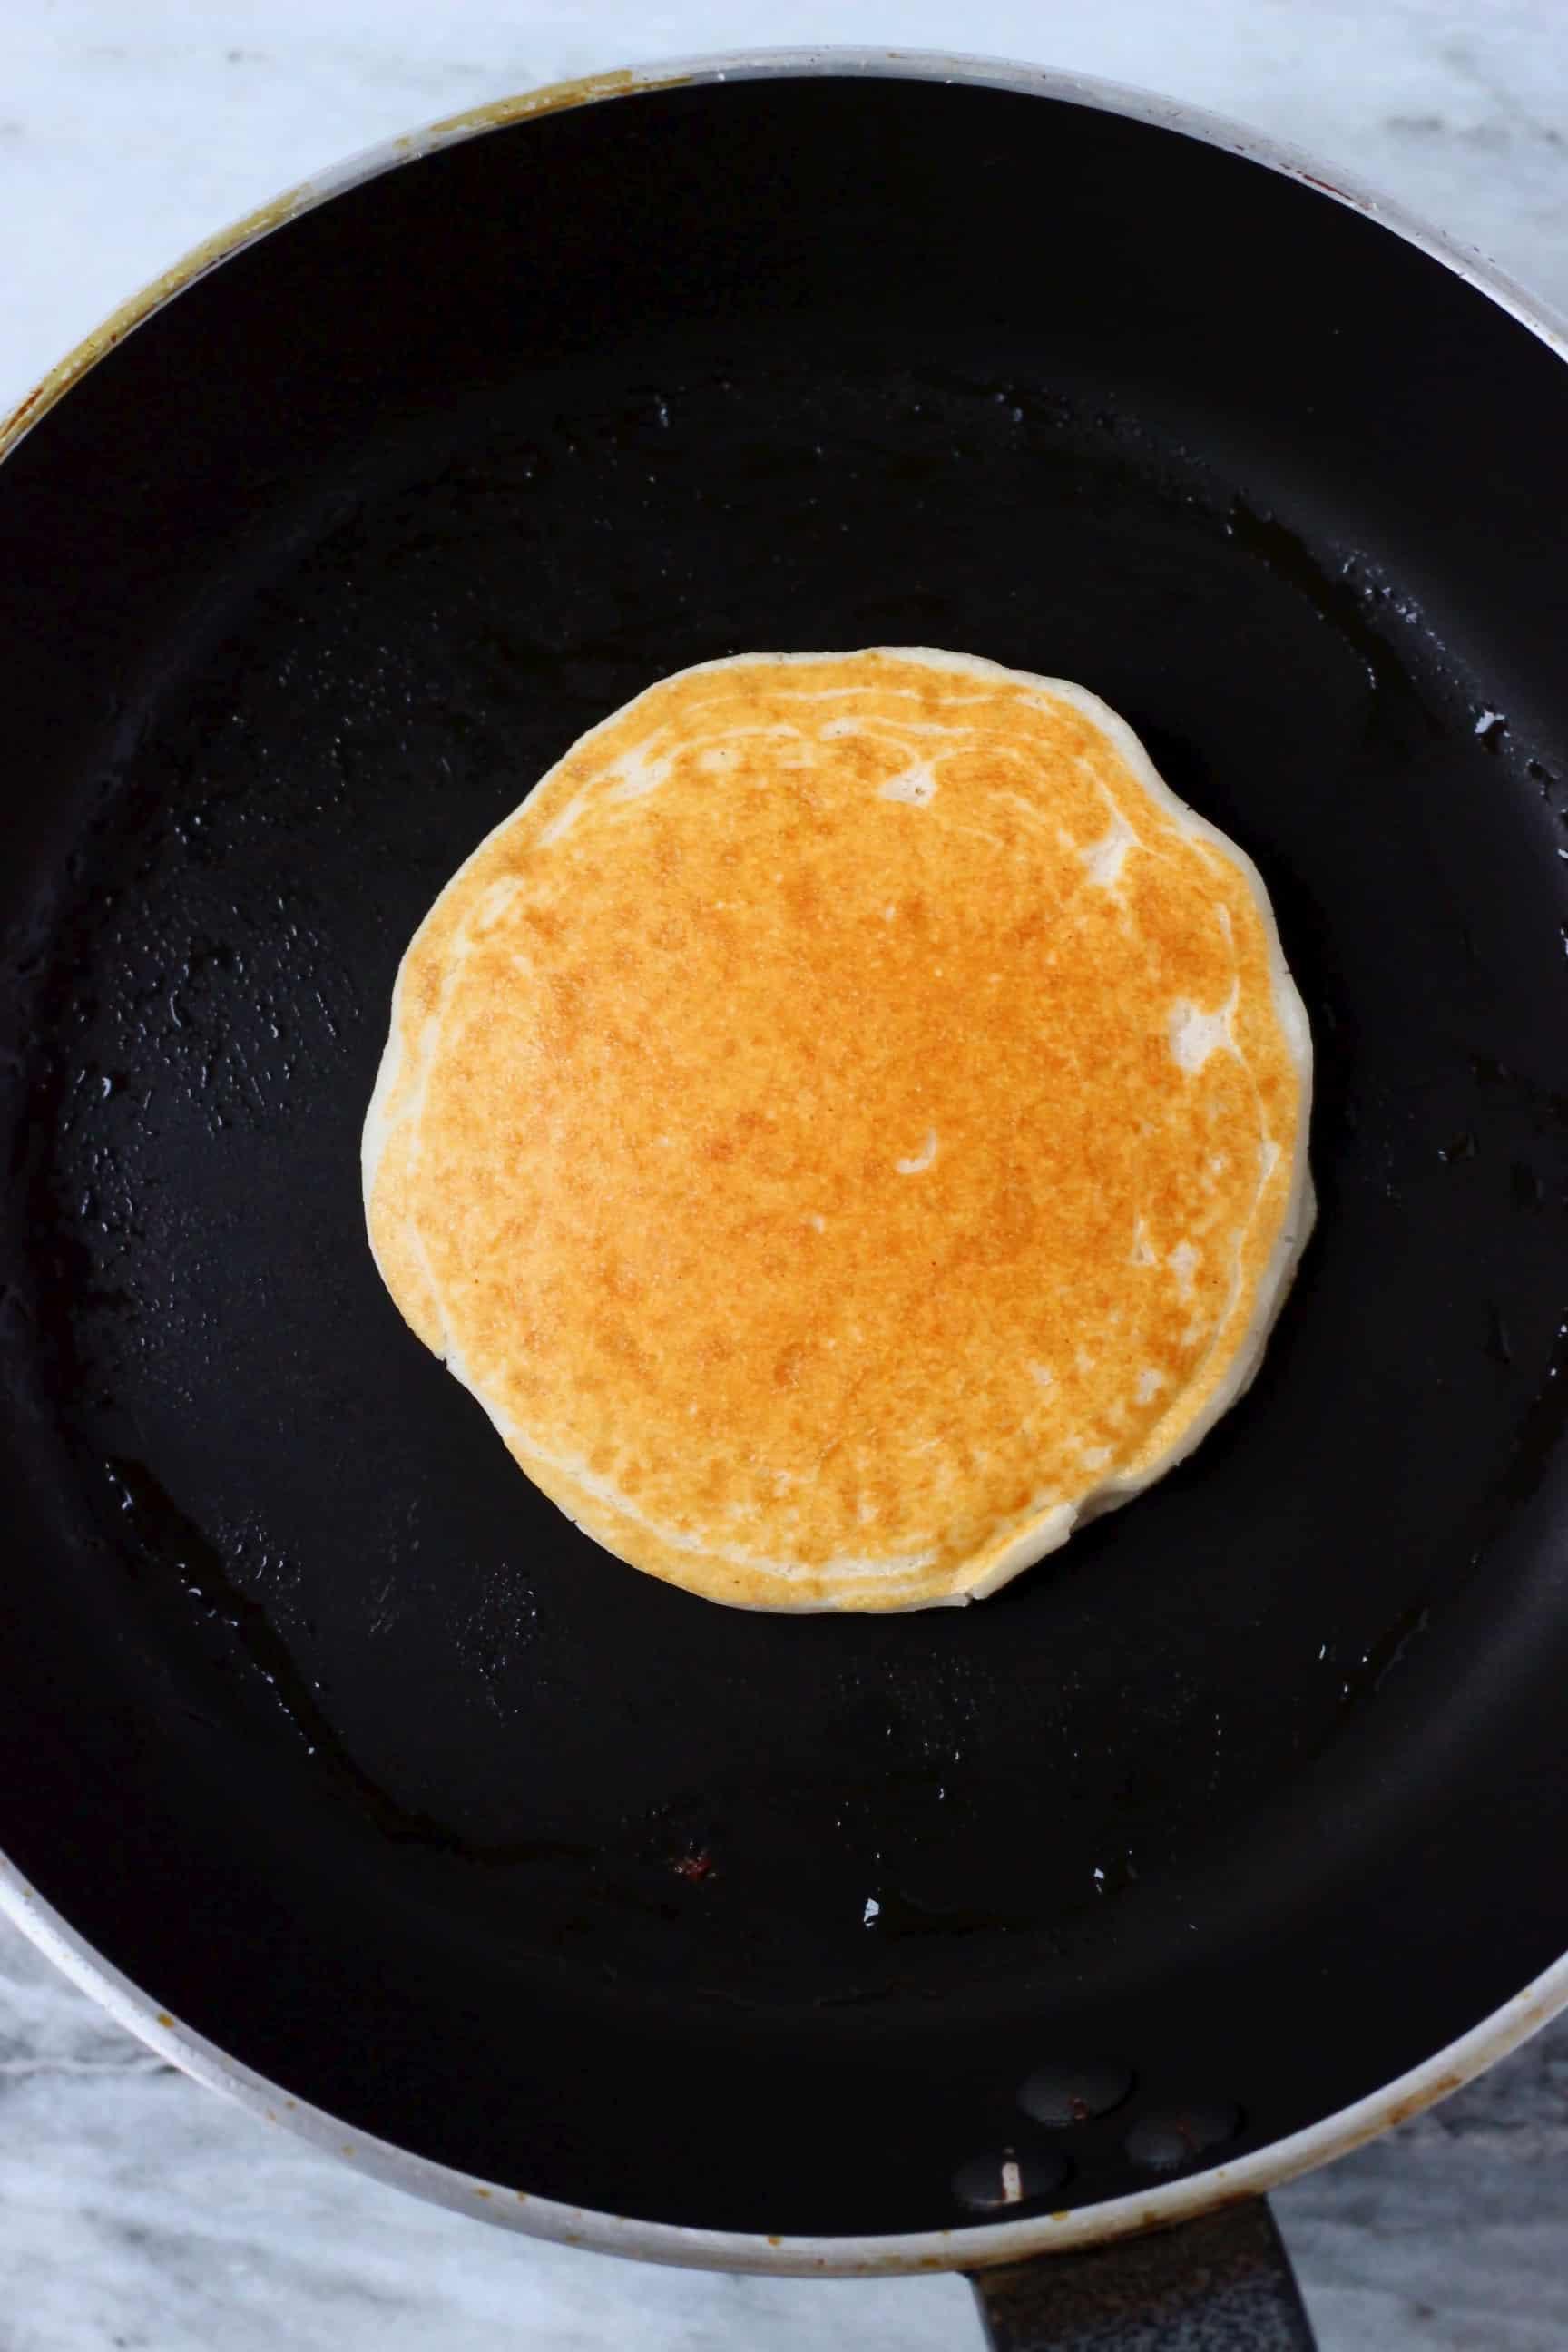 A golden brown gluten-free vegan pancake being cooked in a black frying pan